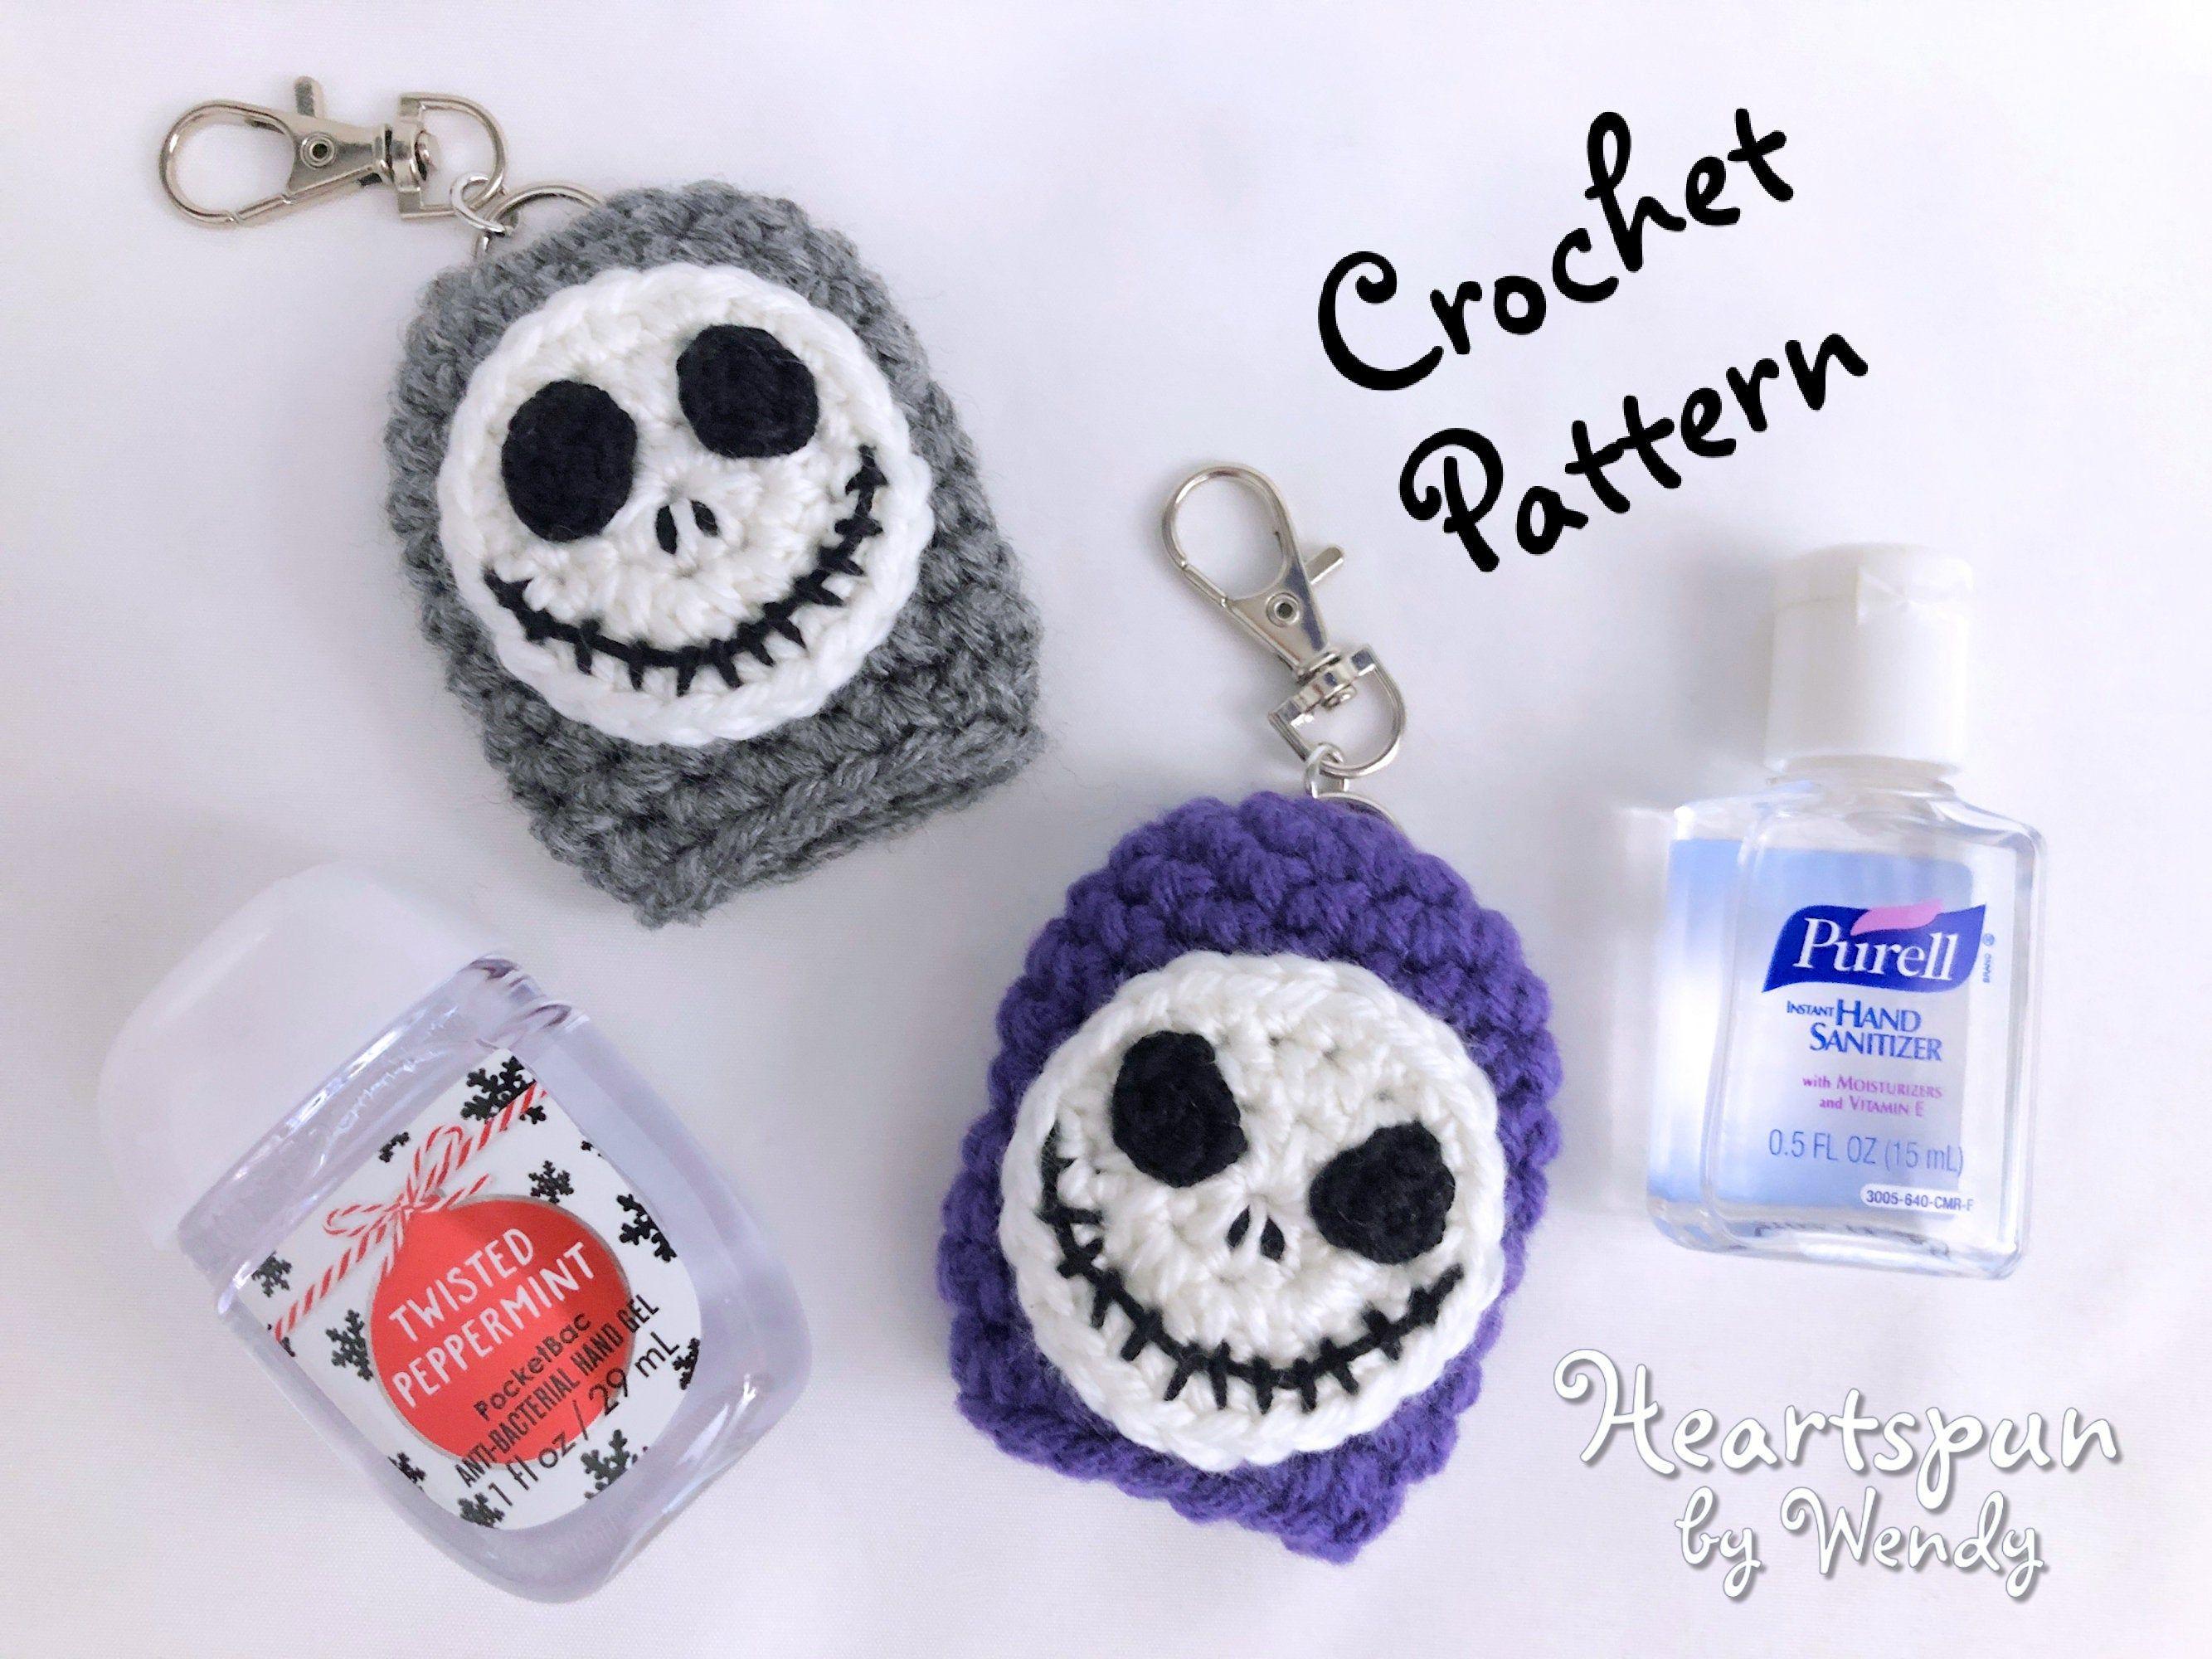 Crochet Pattern For You To Make A Jack Skellington Hand Sanitizer